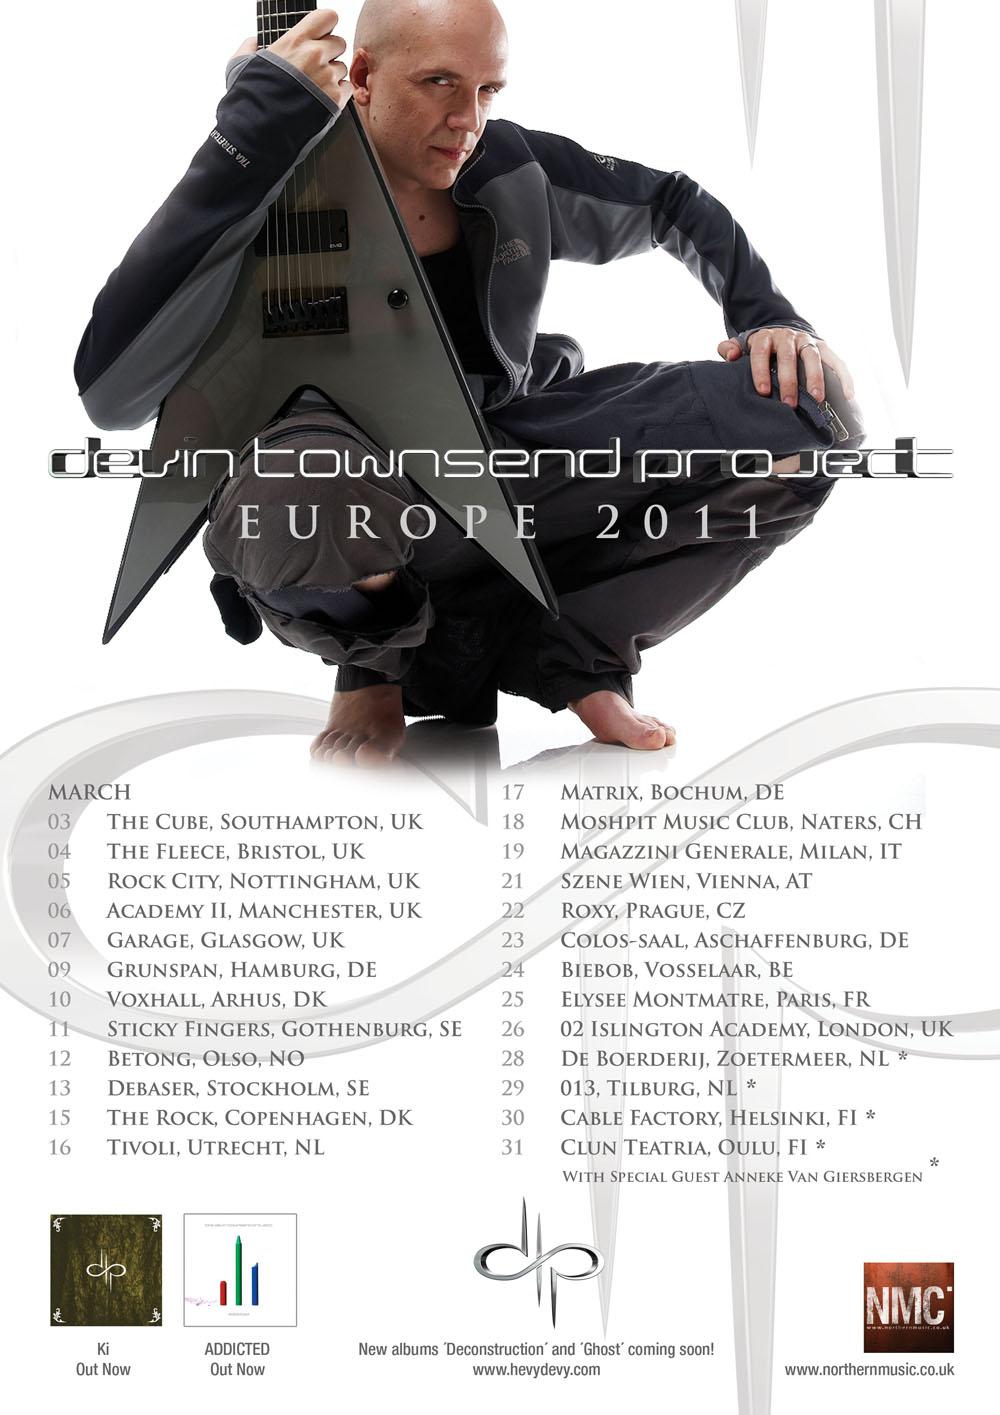 Devin Townsend Project @ Roxy Club (Prague, République Tchèque), le 22 Mars 2011